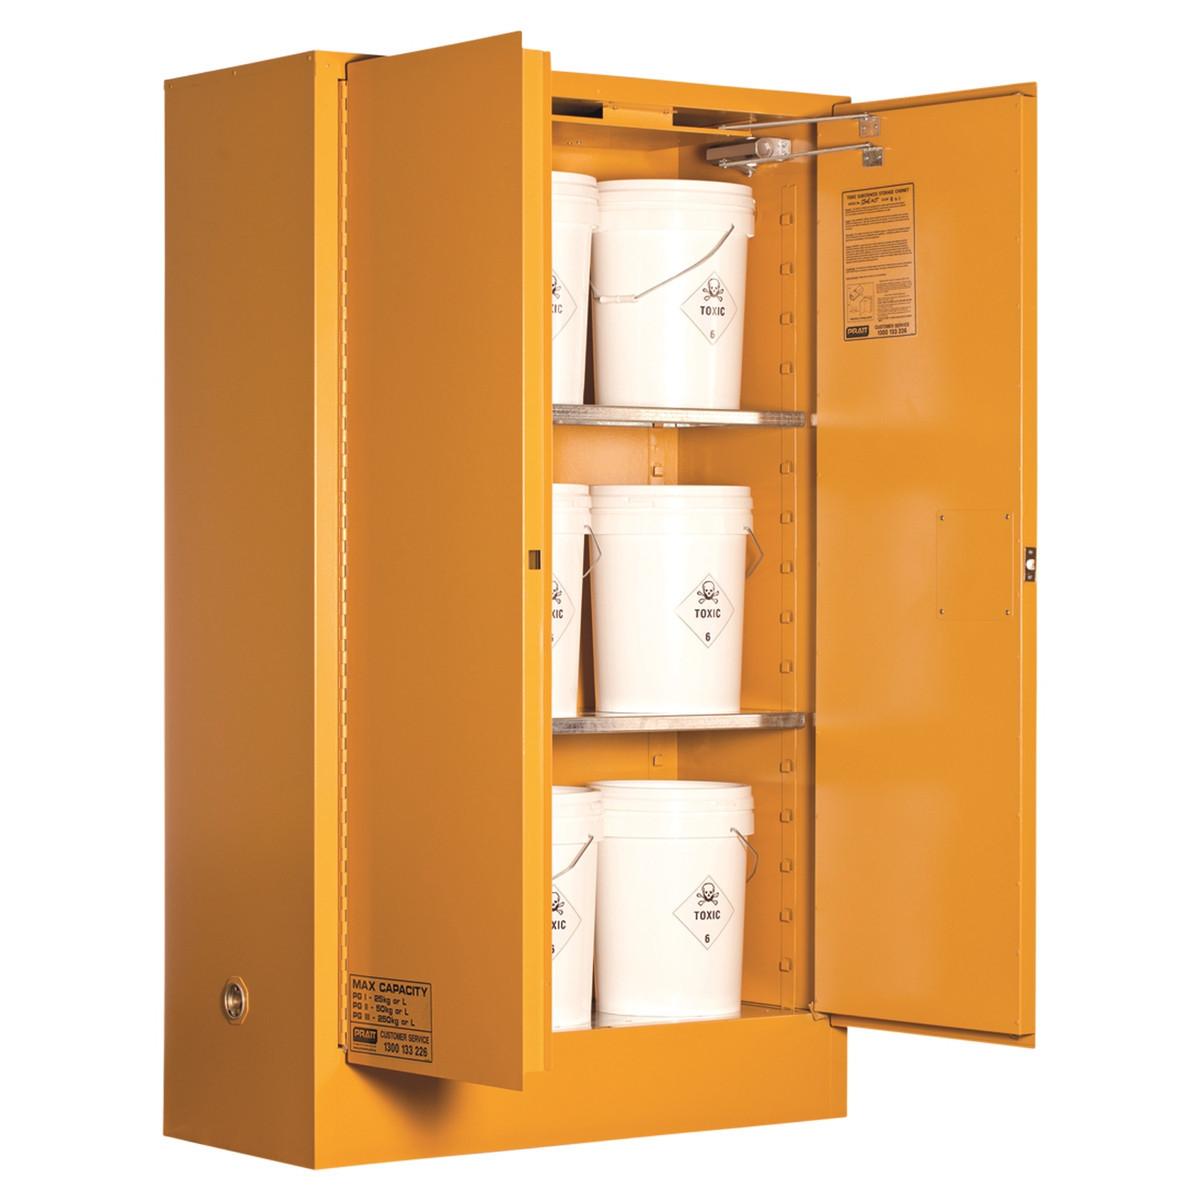 Toxic Storage Cabinet 250 Liters - 2 Door, 3 Shelf